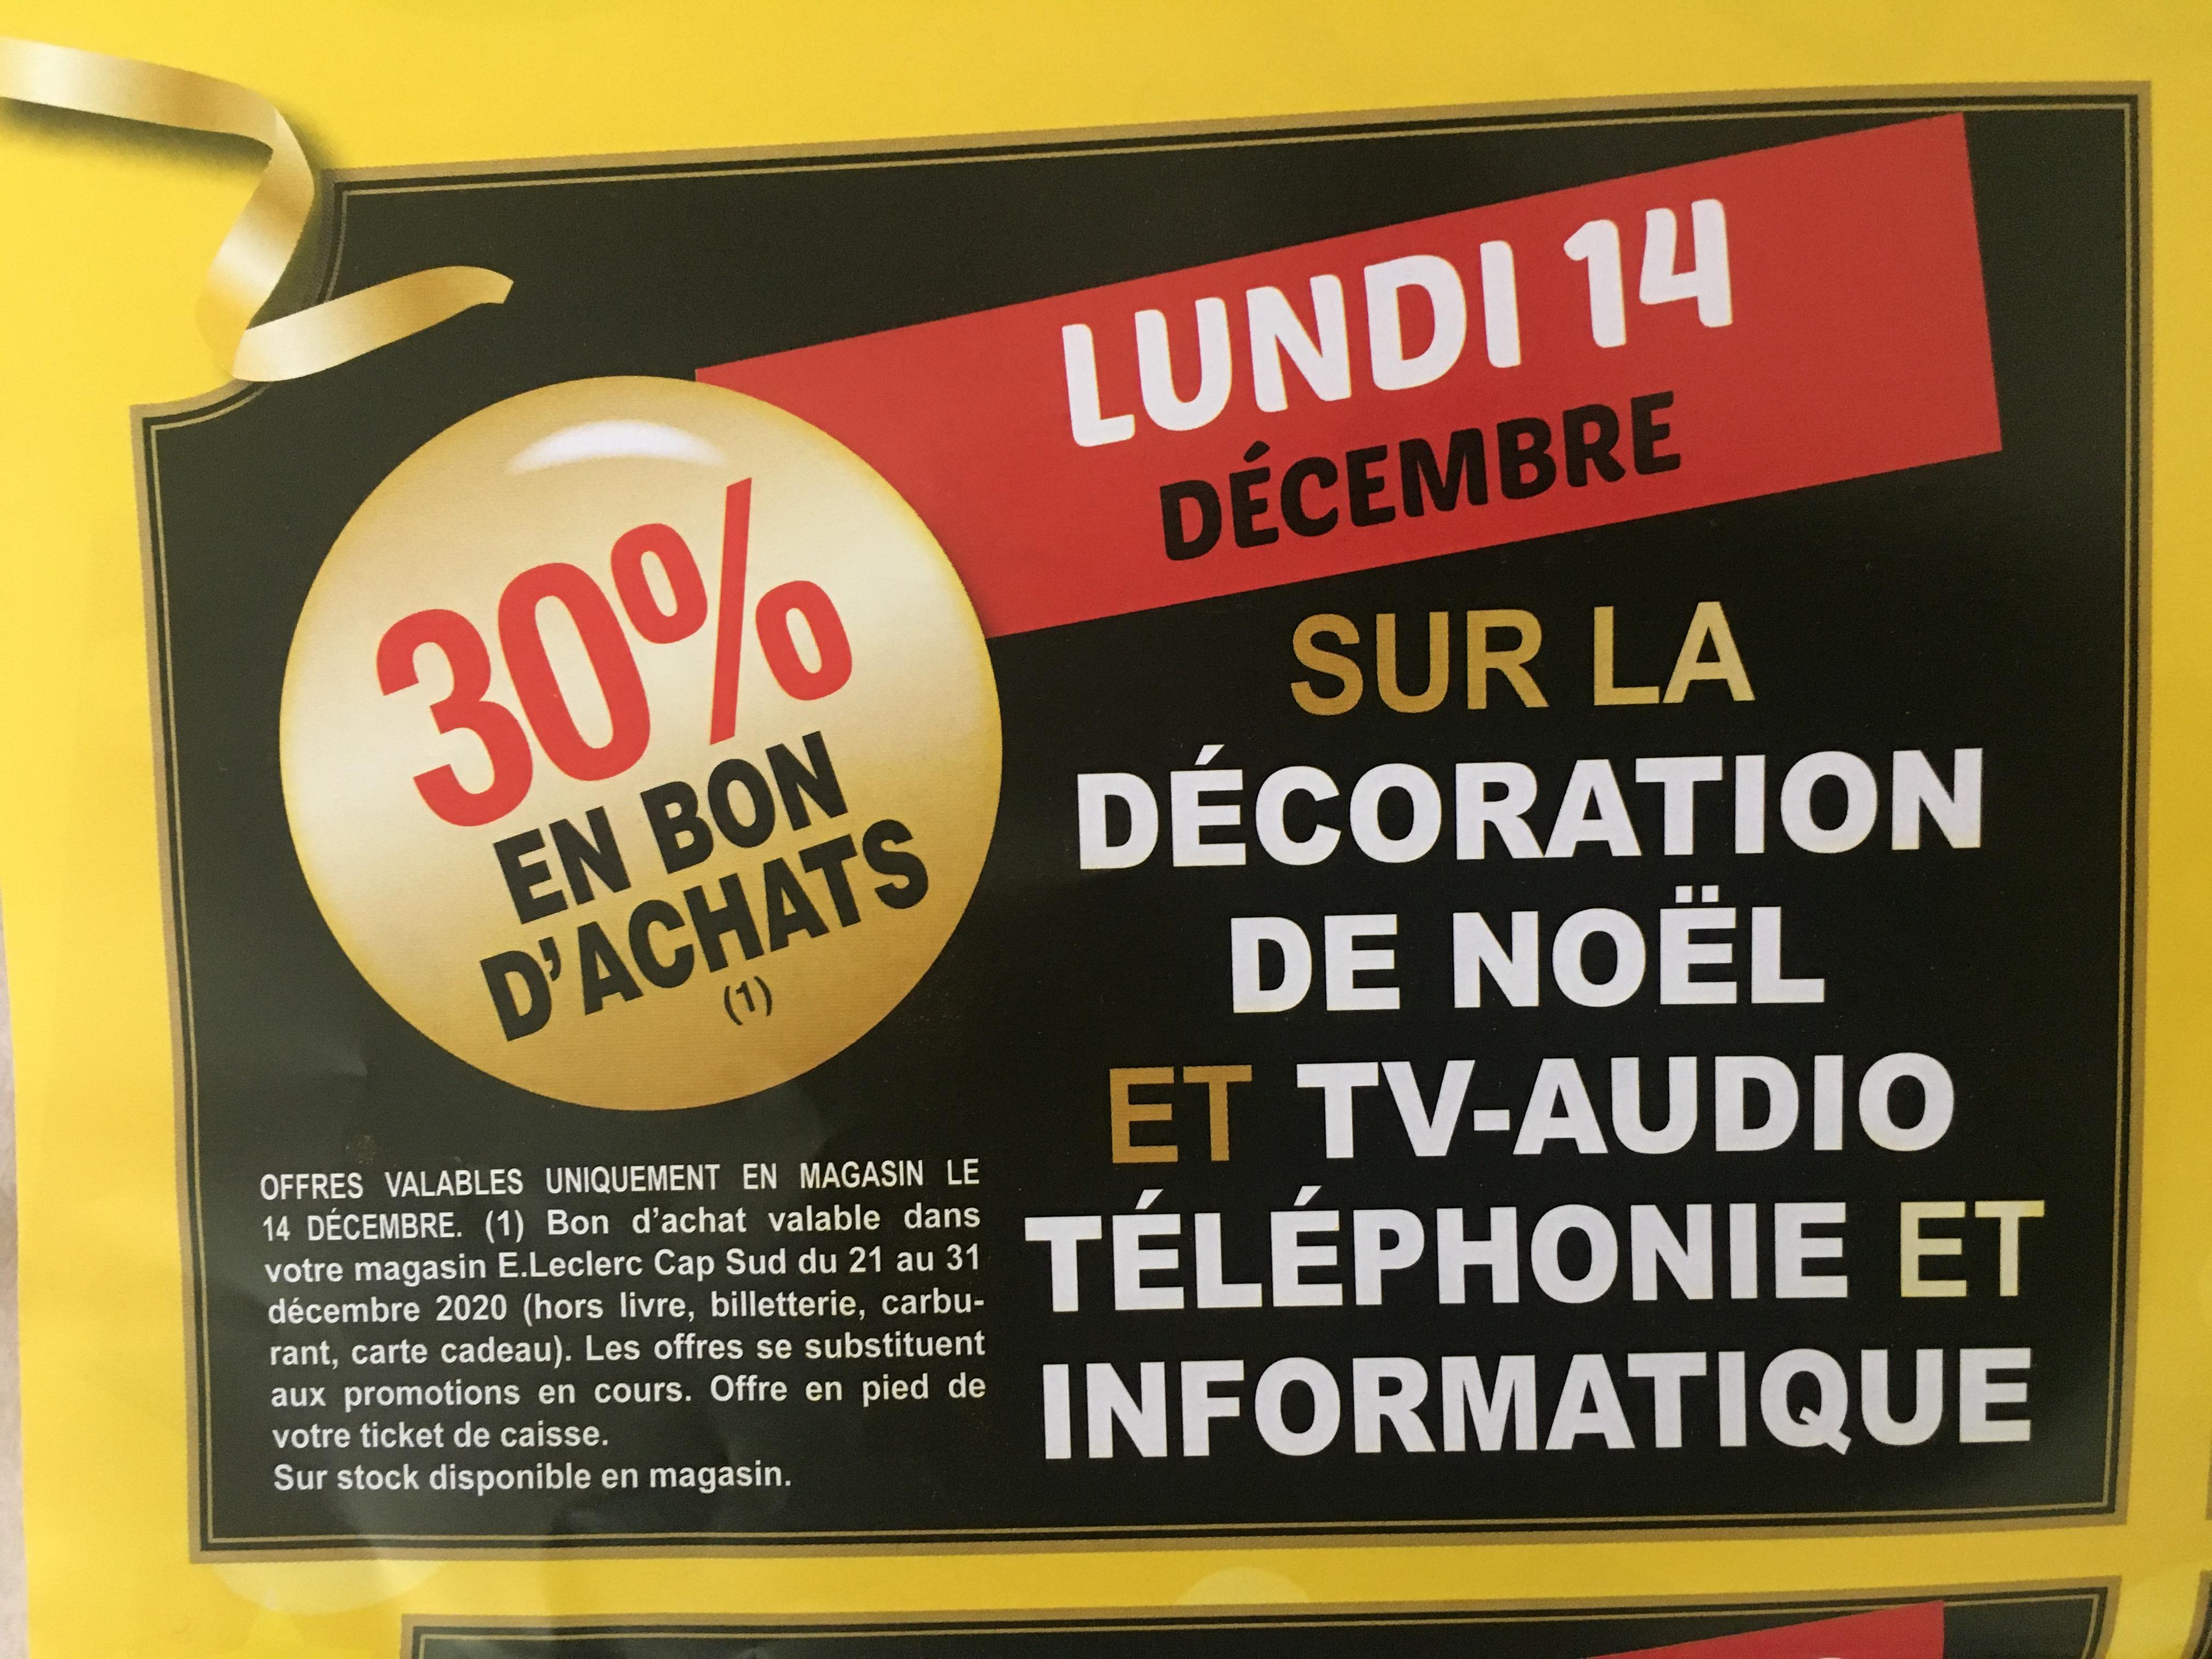 30% remboursés en bon d'achat sur une sélection de rayons - Ex : Audio, Décoration de Noël, Informatique, Téléphonie & TV - Saint-Maur (36)